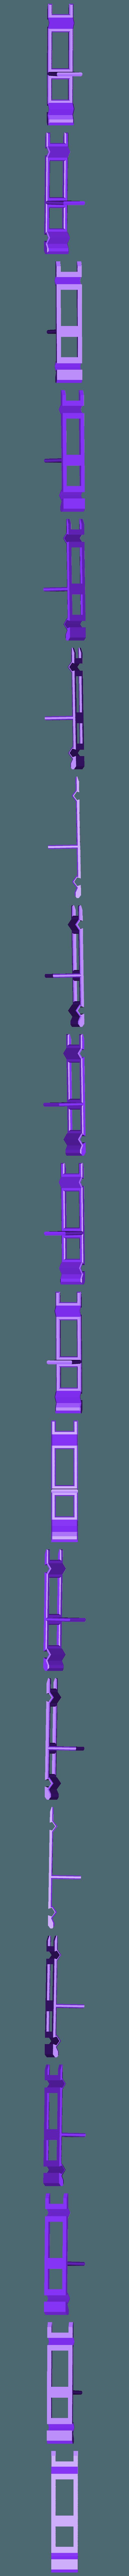 Cybertruck_Mini_Chassis.stl Télécharger fichier STL gratuit Cybertruck (kit carrosserie + châssis imprimable) • Plan pour impression 3D, Superbeasti